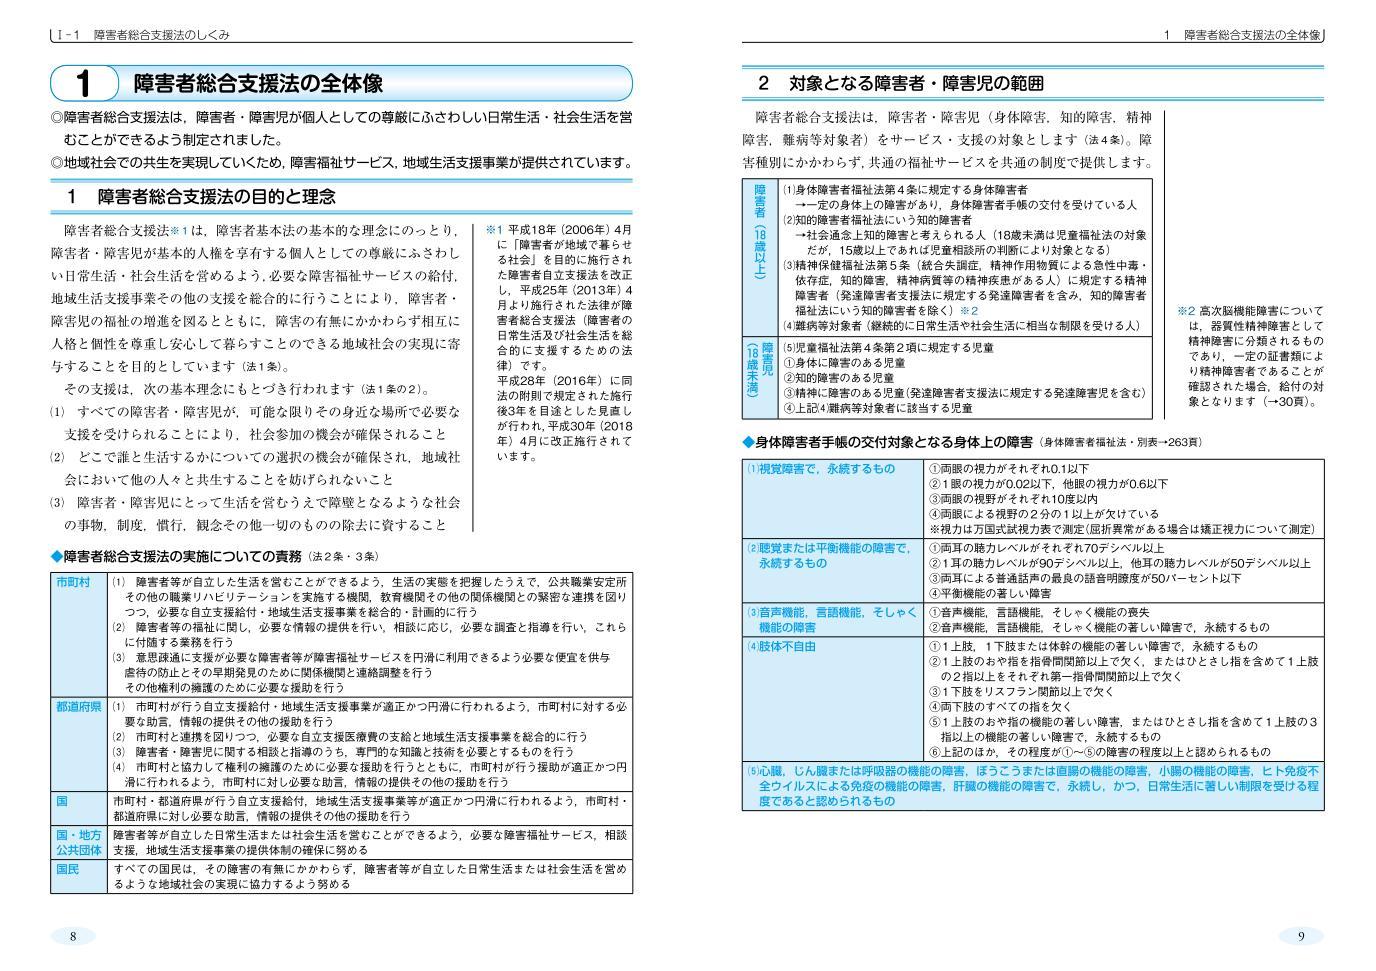 障害者福祉ガイド 障害者総合支援法の解説 令和3年4月版